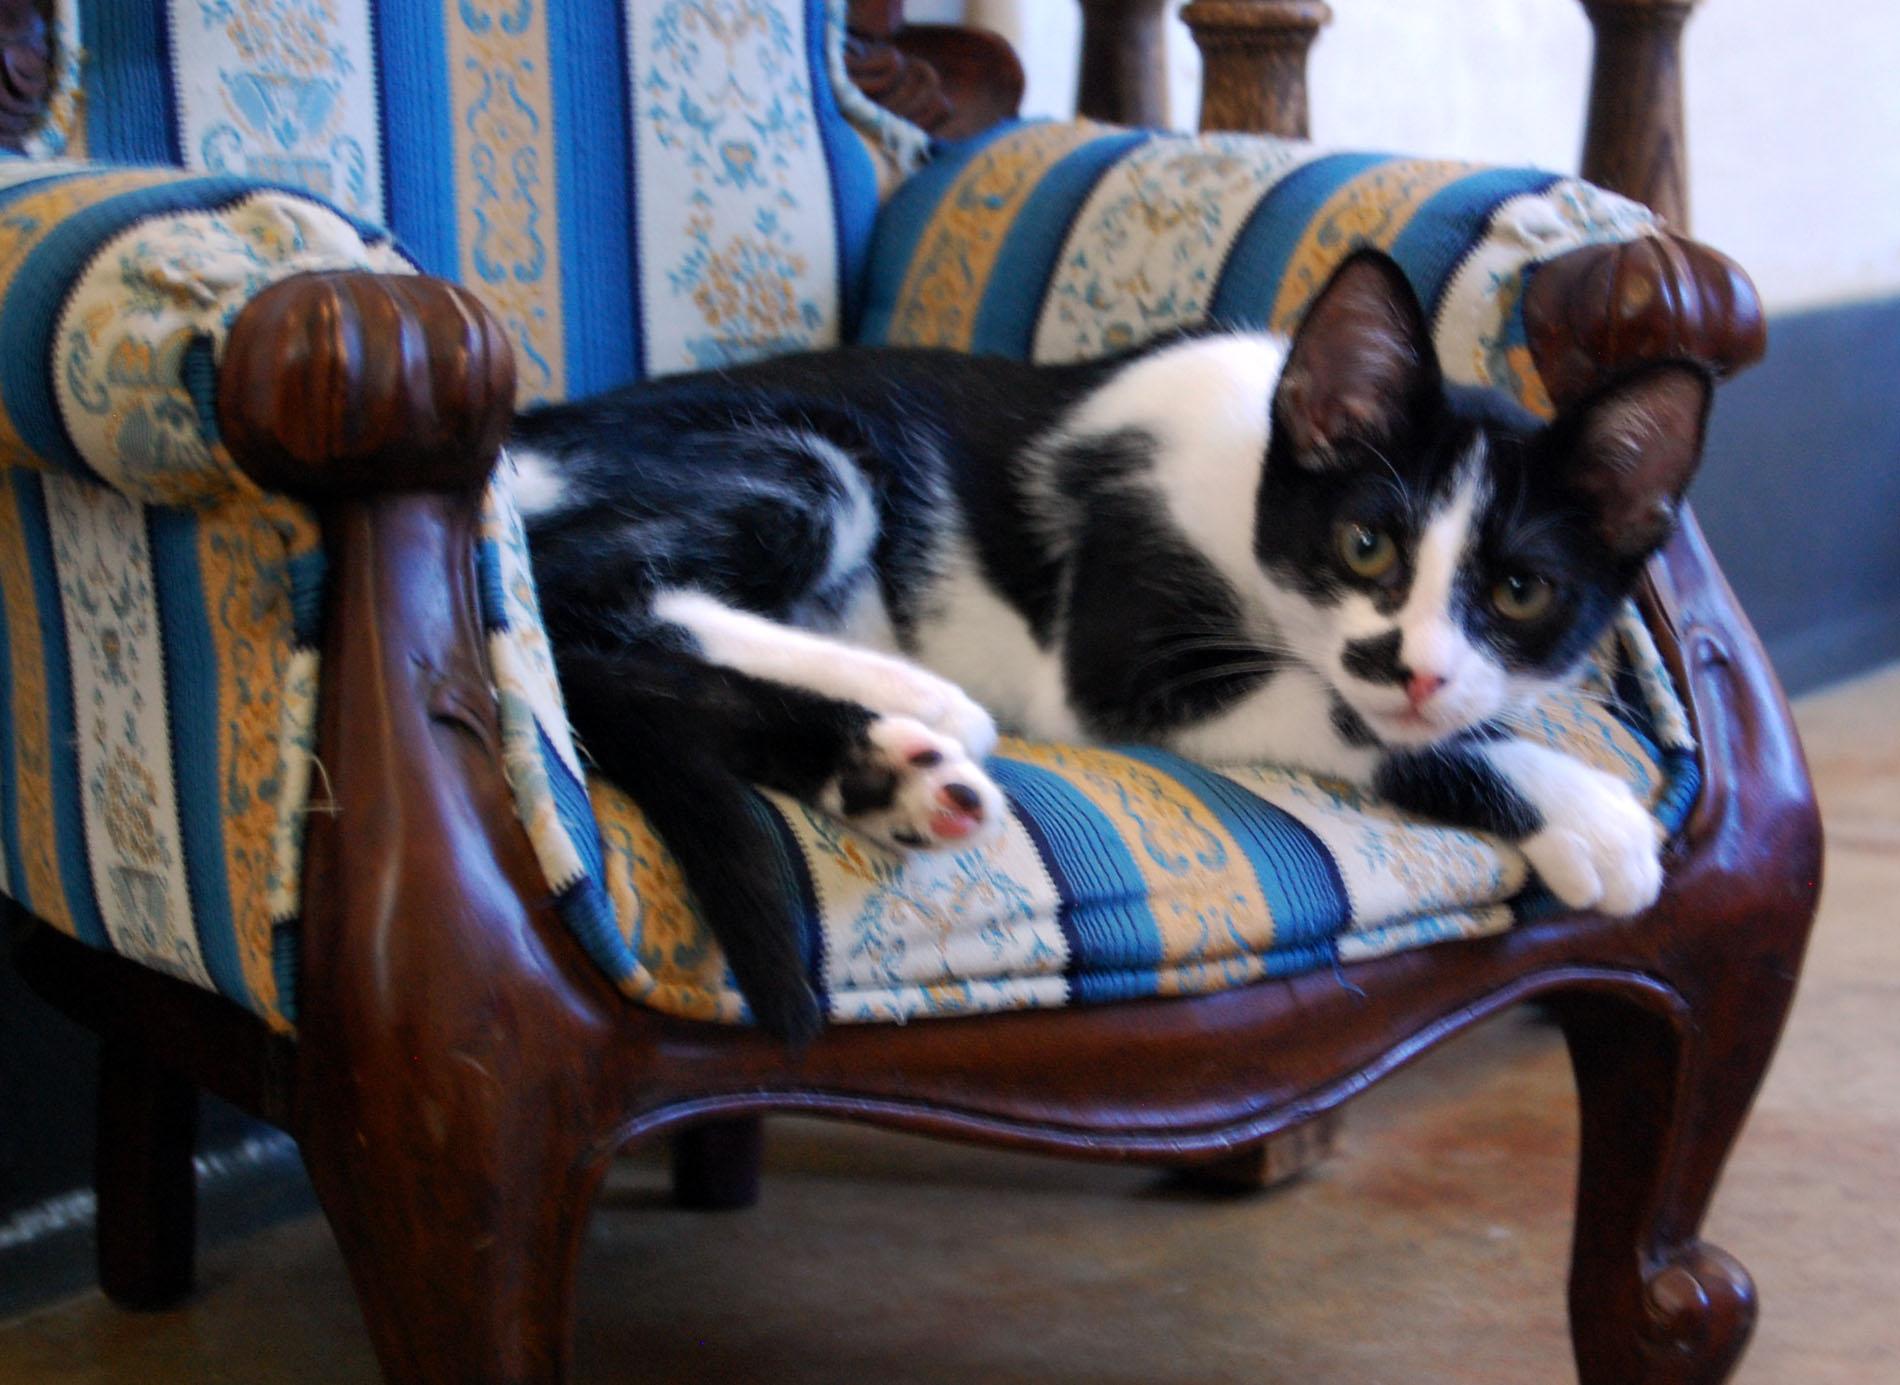 At the SPCA: Kitten Glut